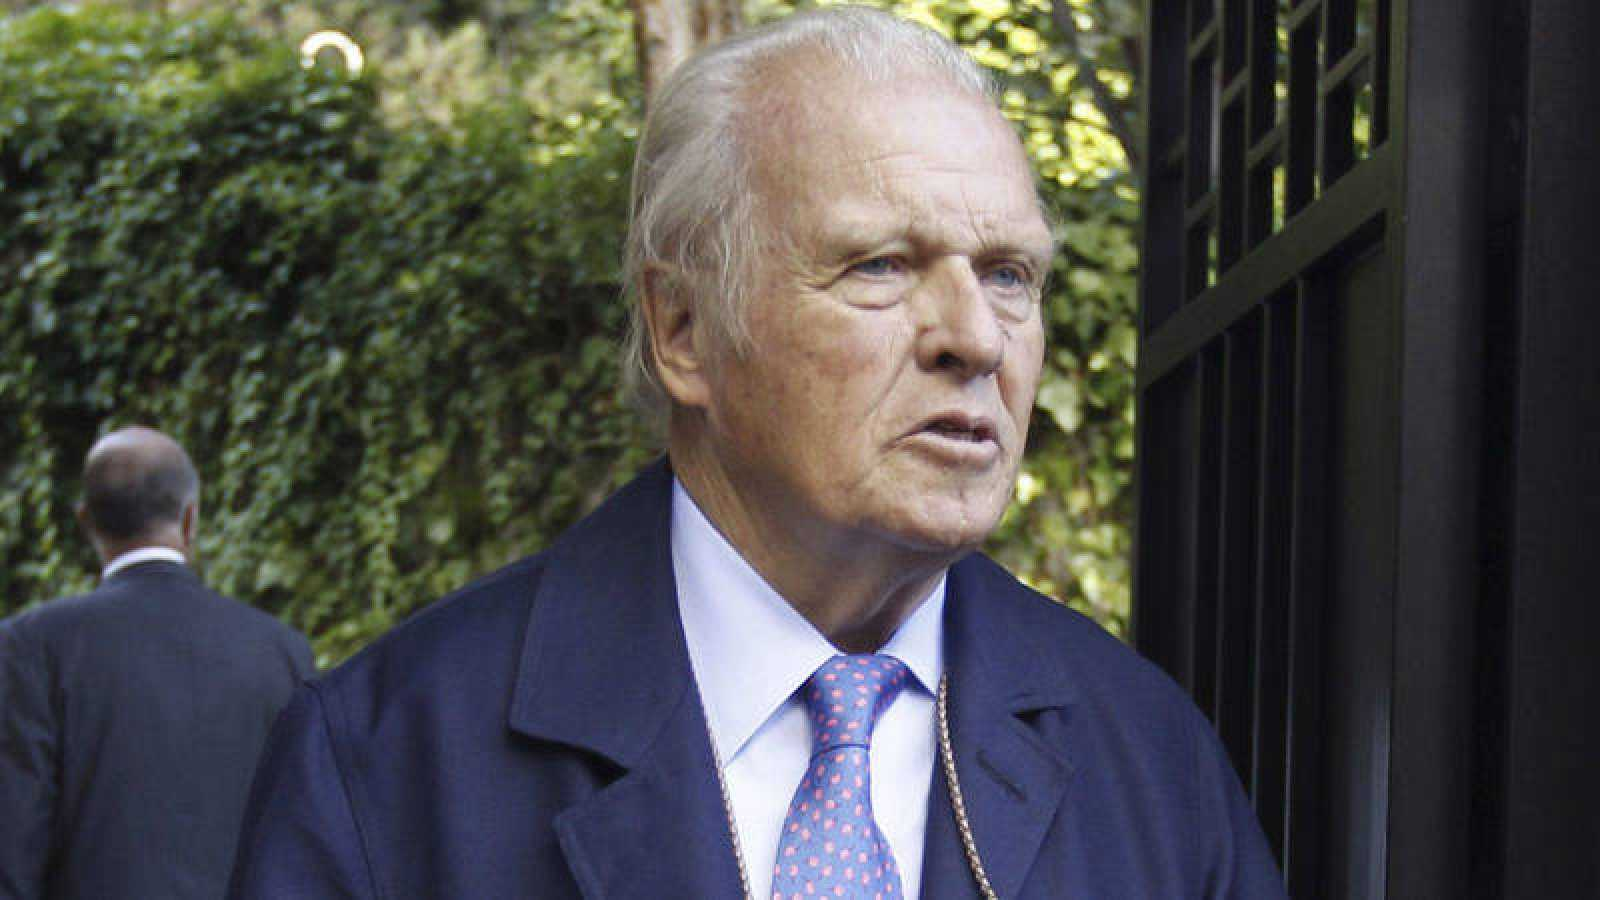 Fallece Emilio Ybarra